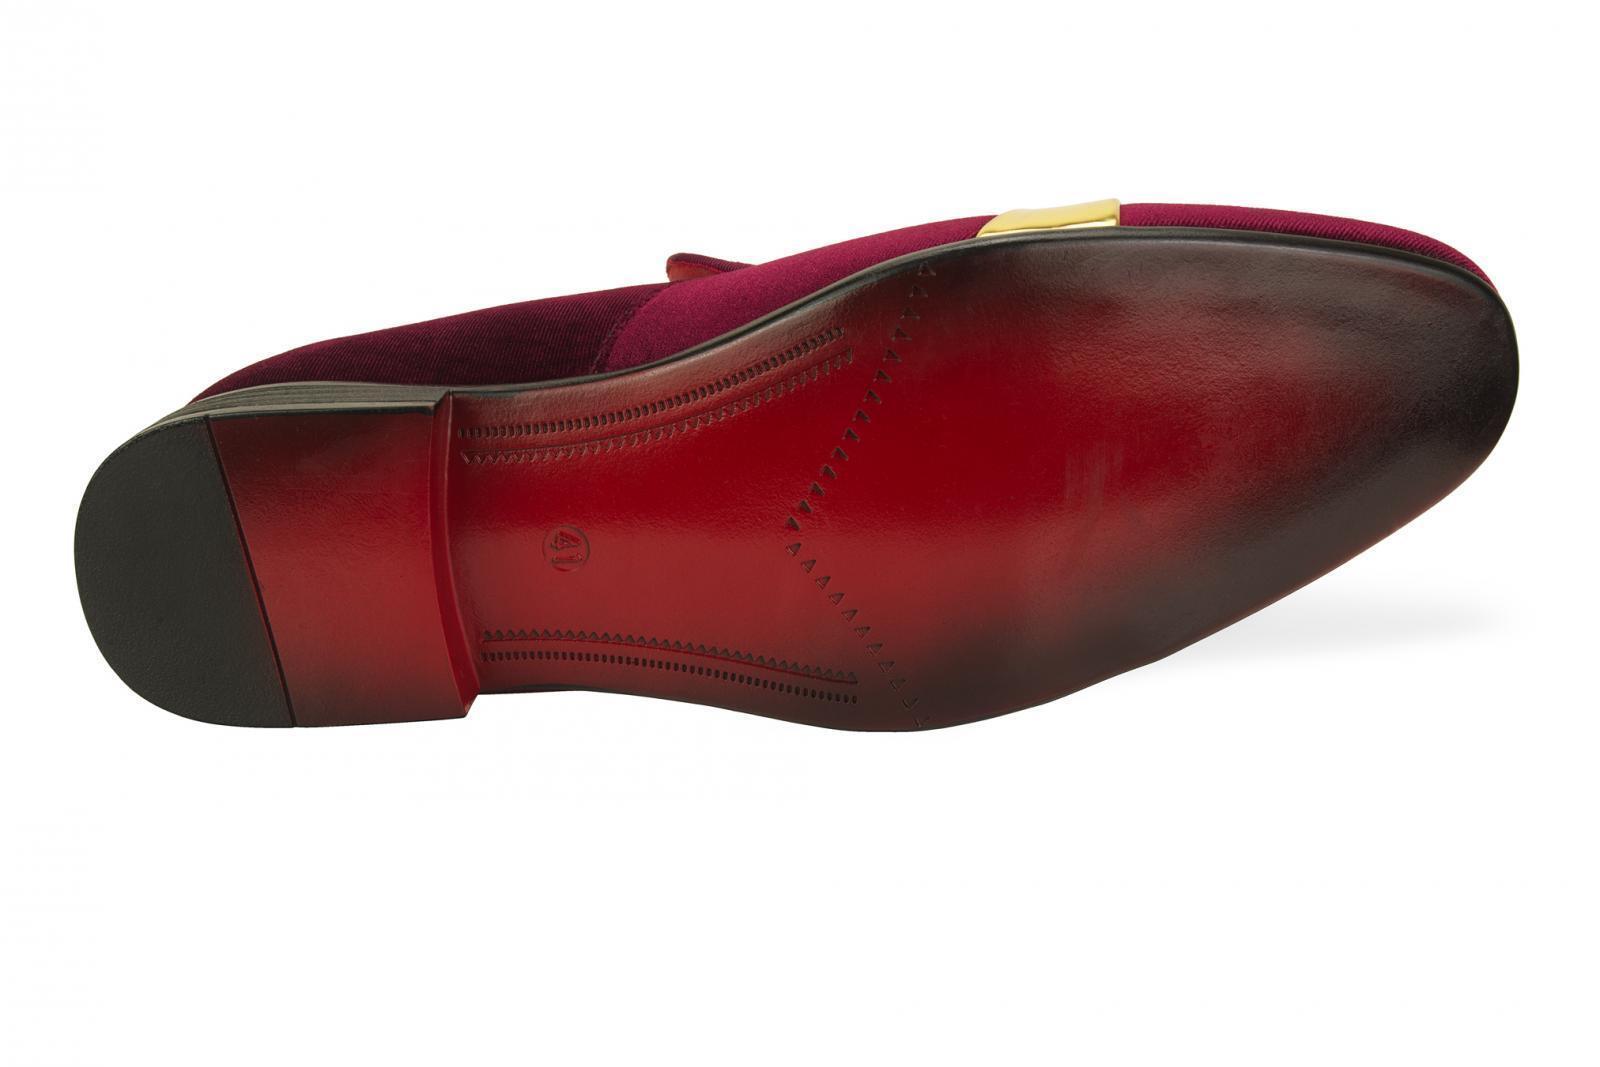 NUOVA linea linea linea uomo Mocassini in velluto Vino Rosso Pantofole Abito Cintura d'oro   Misura 1b9e1b